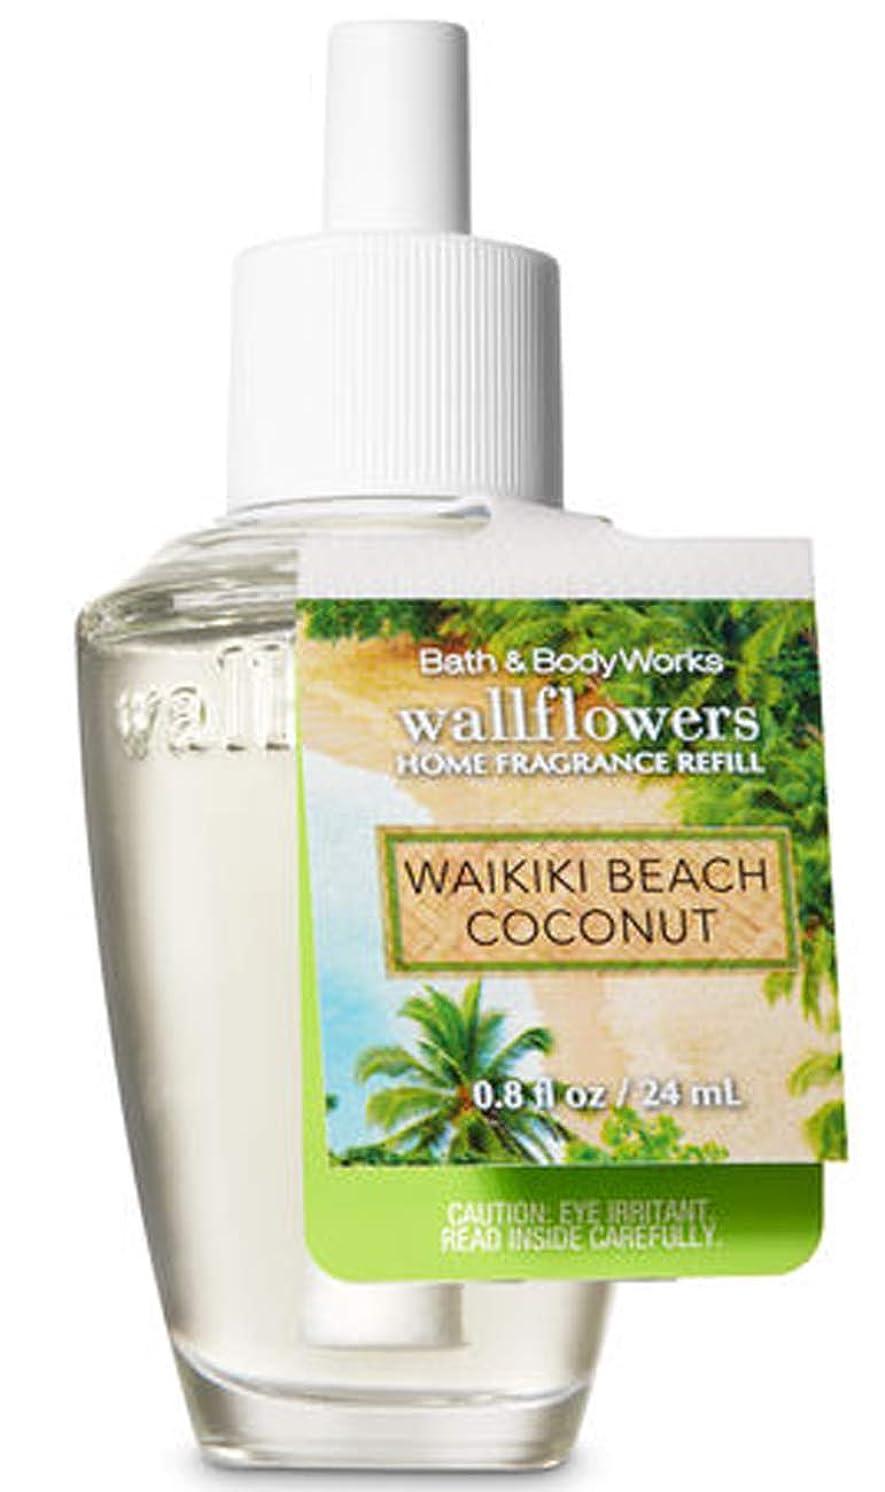 傾向がある反逆者コカインバス&ボディワークス ワイキキビーチココナッツ ルームフレグランス リフィル 芳香剤 24ml (本体別売り) Bath & Body Works